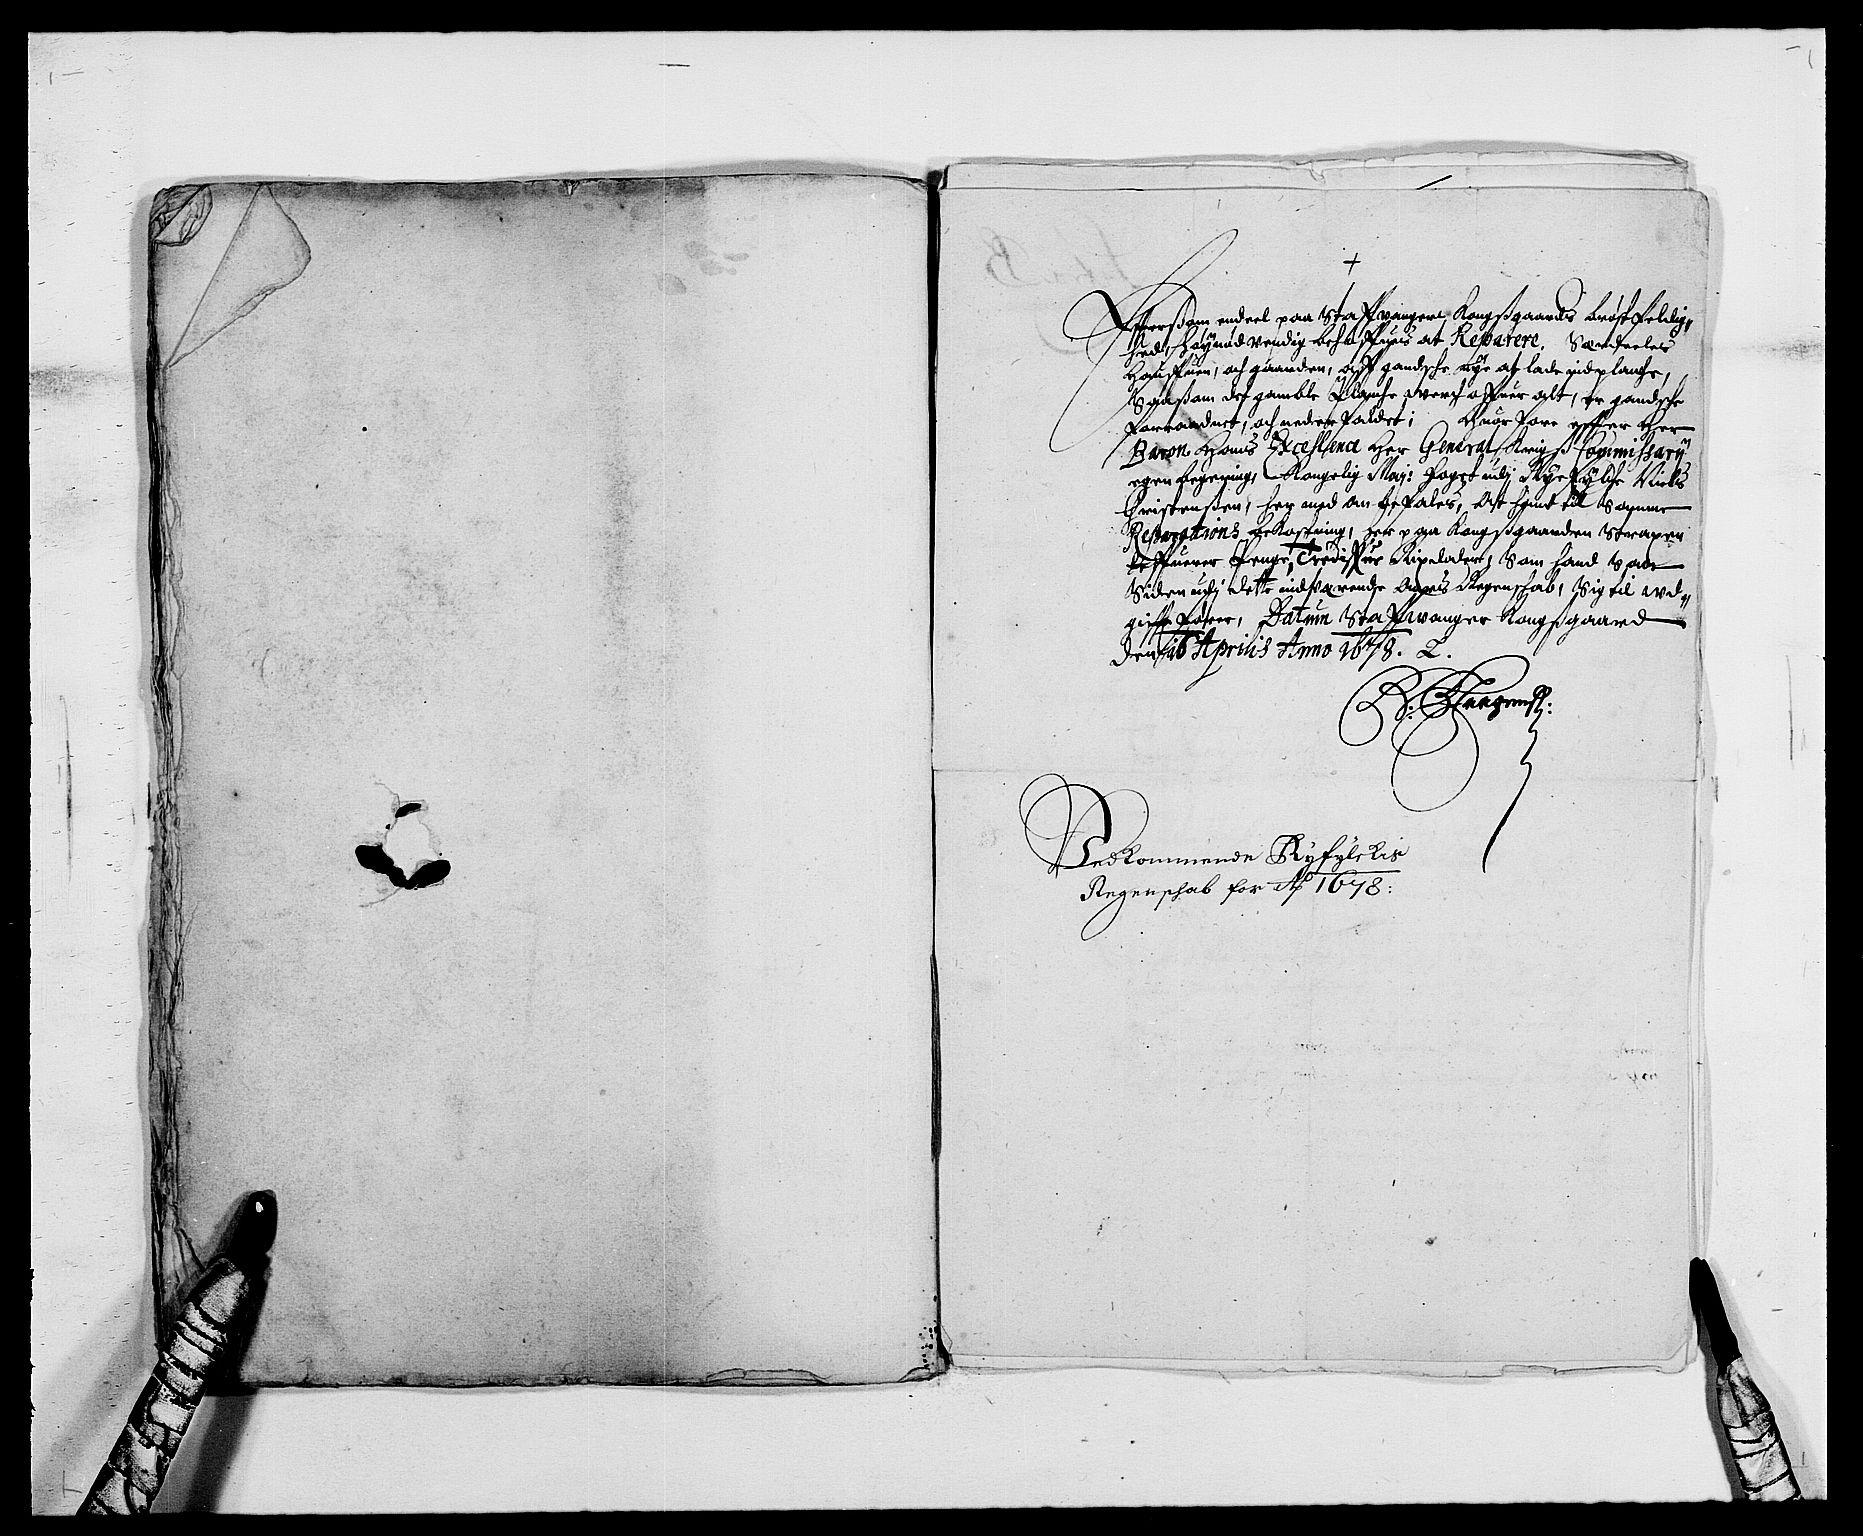 RA, Rentekammeret inntil 1814, Reviderte regnskaper, Fogderegnskap, R47/L2848: Fogderegnskap Ryfylke, 1678, s. 301